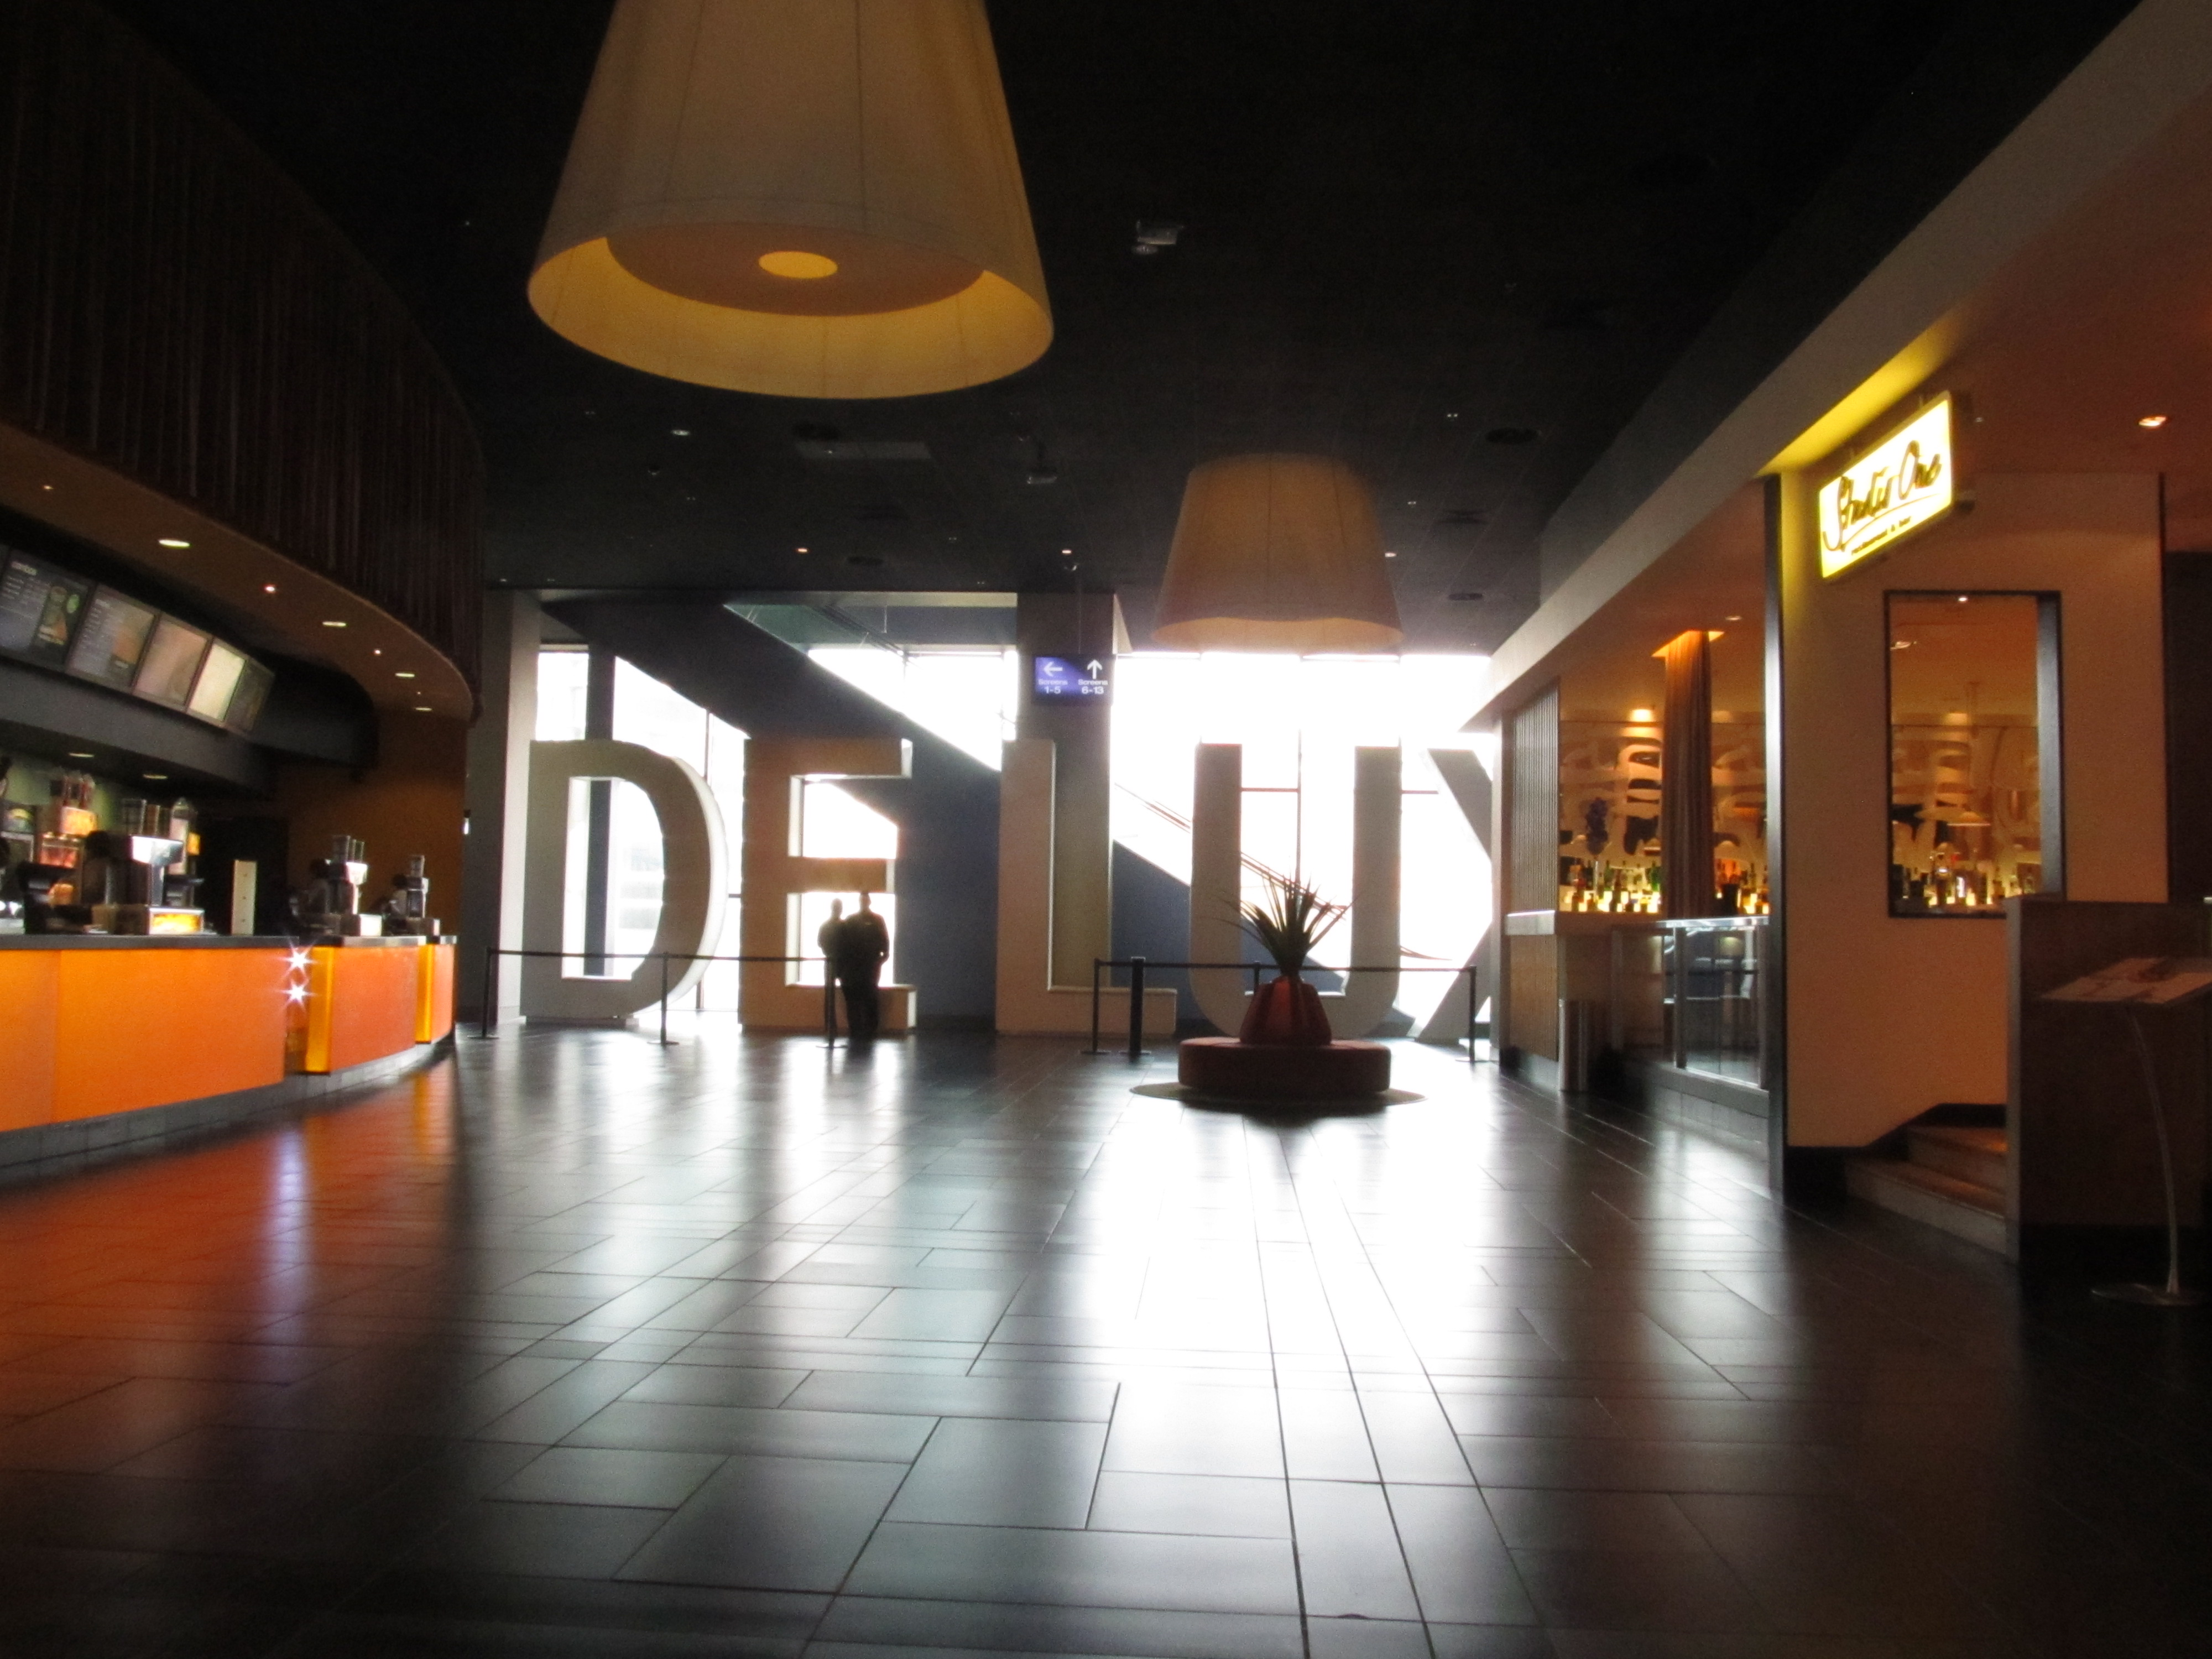 Foyer Des Arts Lux : File cinema de lux bristol foyer g wikipedia